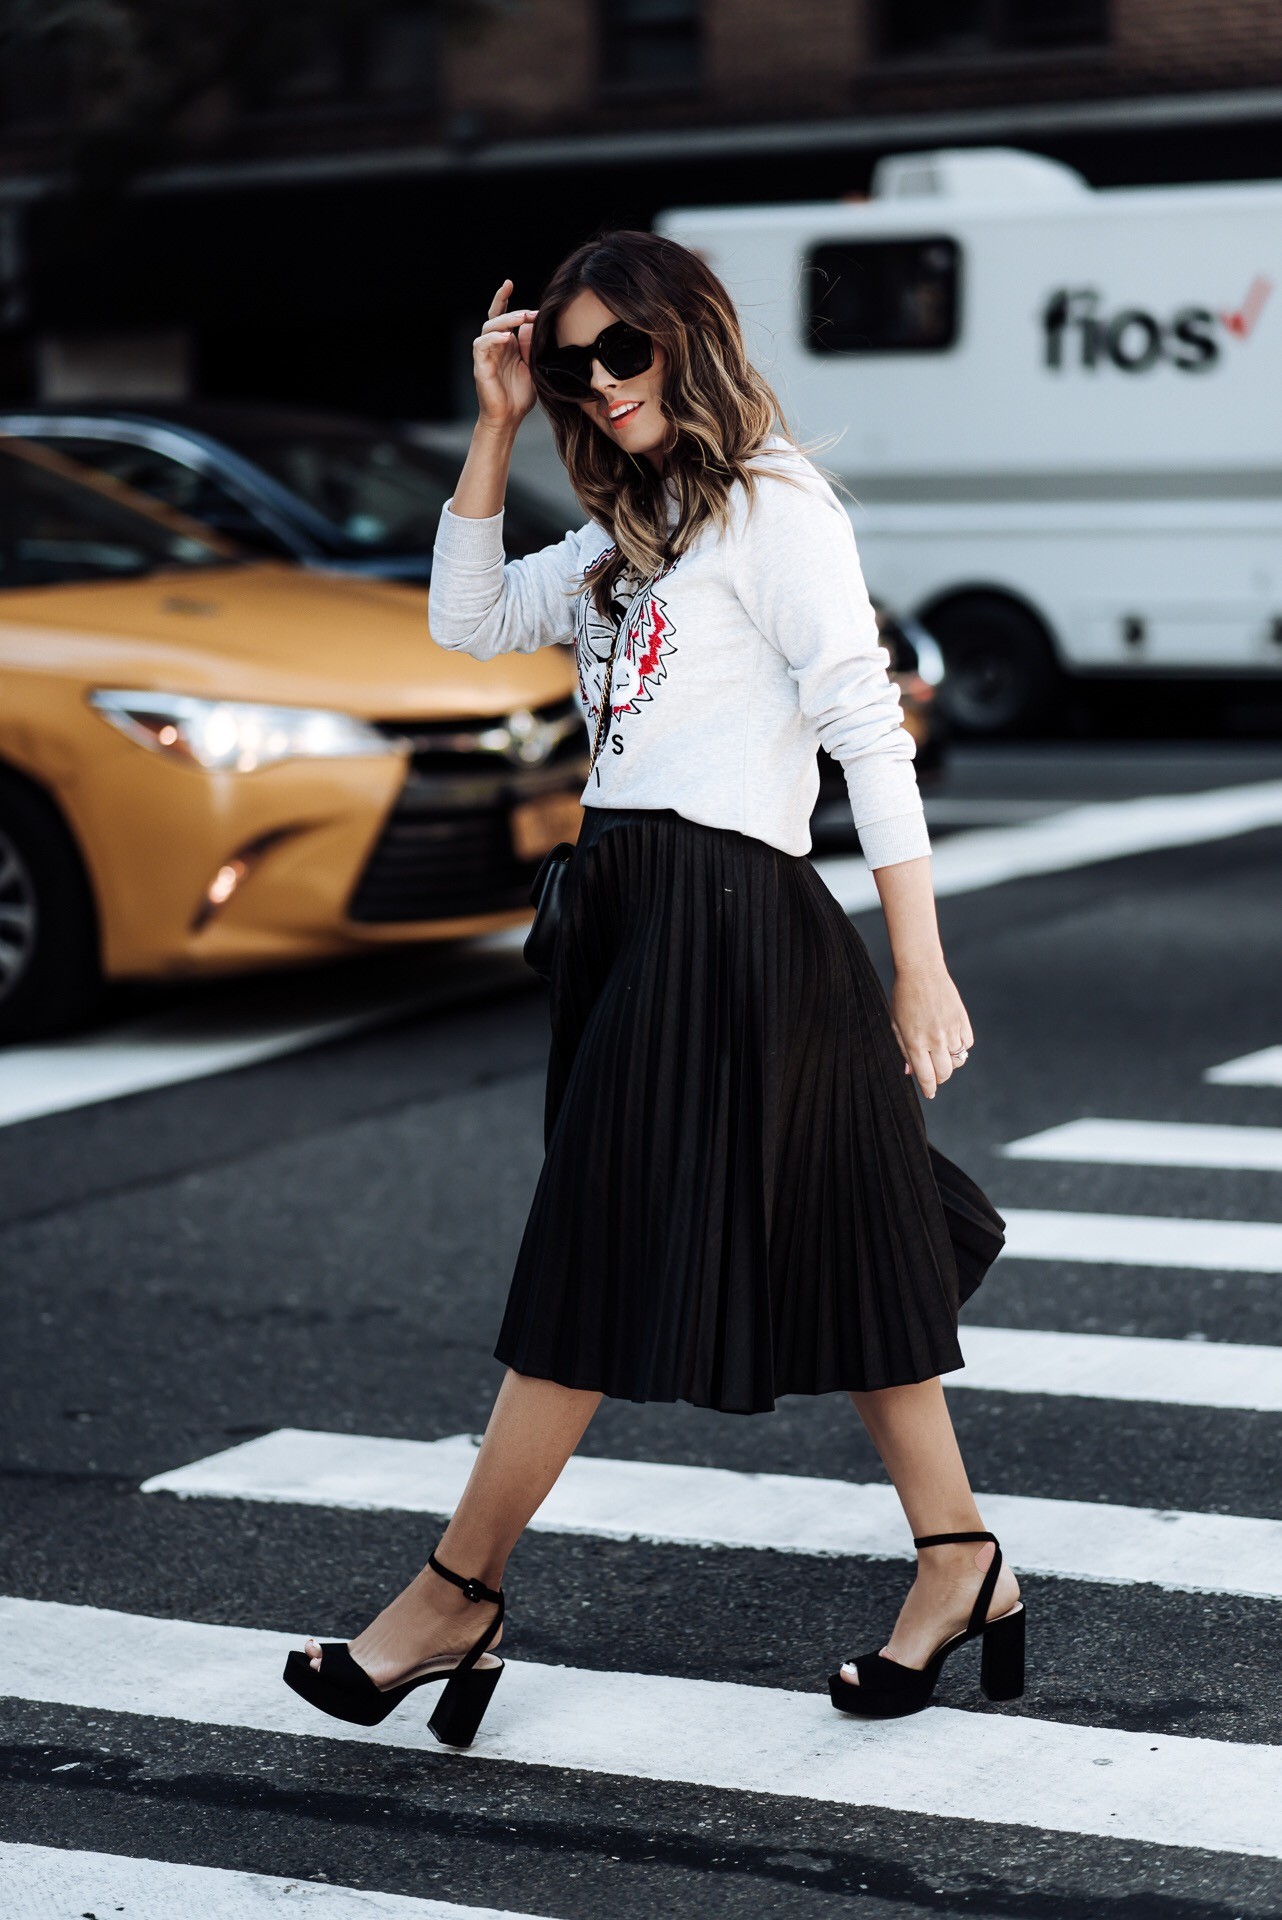 Tiffany Jais fashion and lifestyle blogger of Flaunt and Center | NYFW | NOMO SOHO NYC | Black pleated skirt | Kenzo sweatshirt women | NYC NYFW